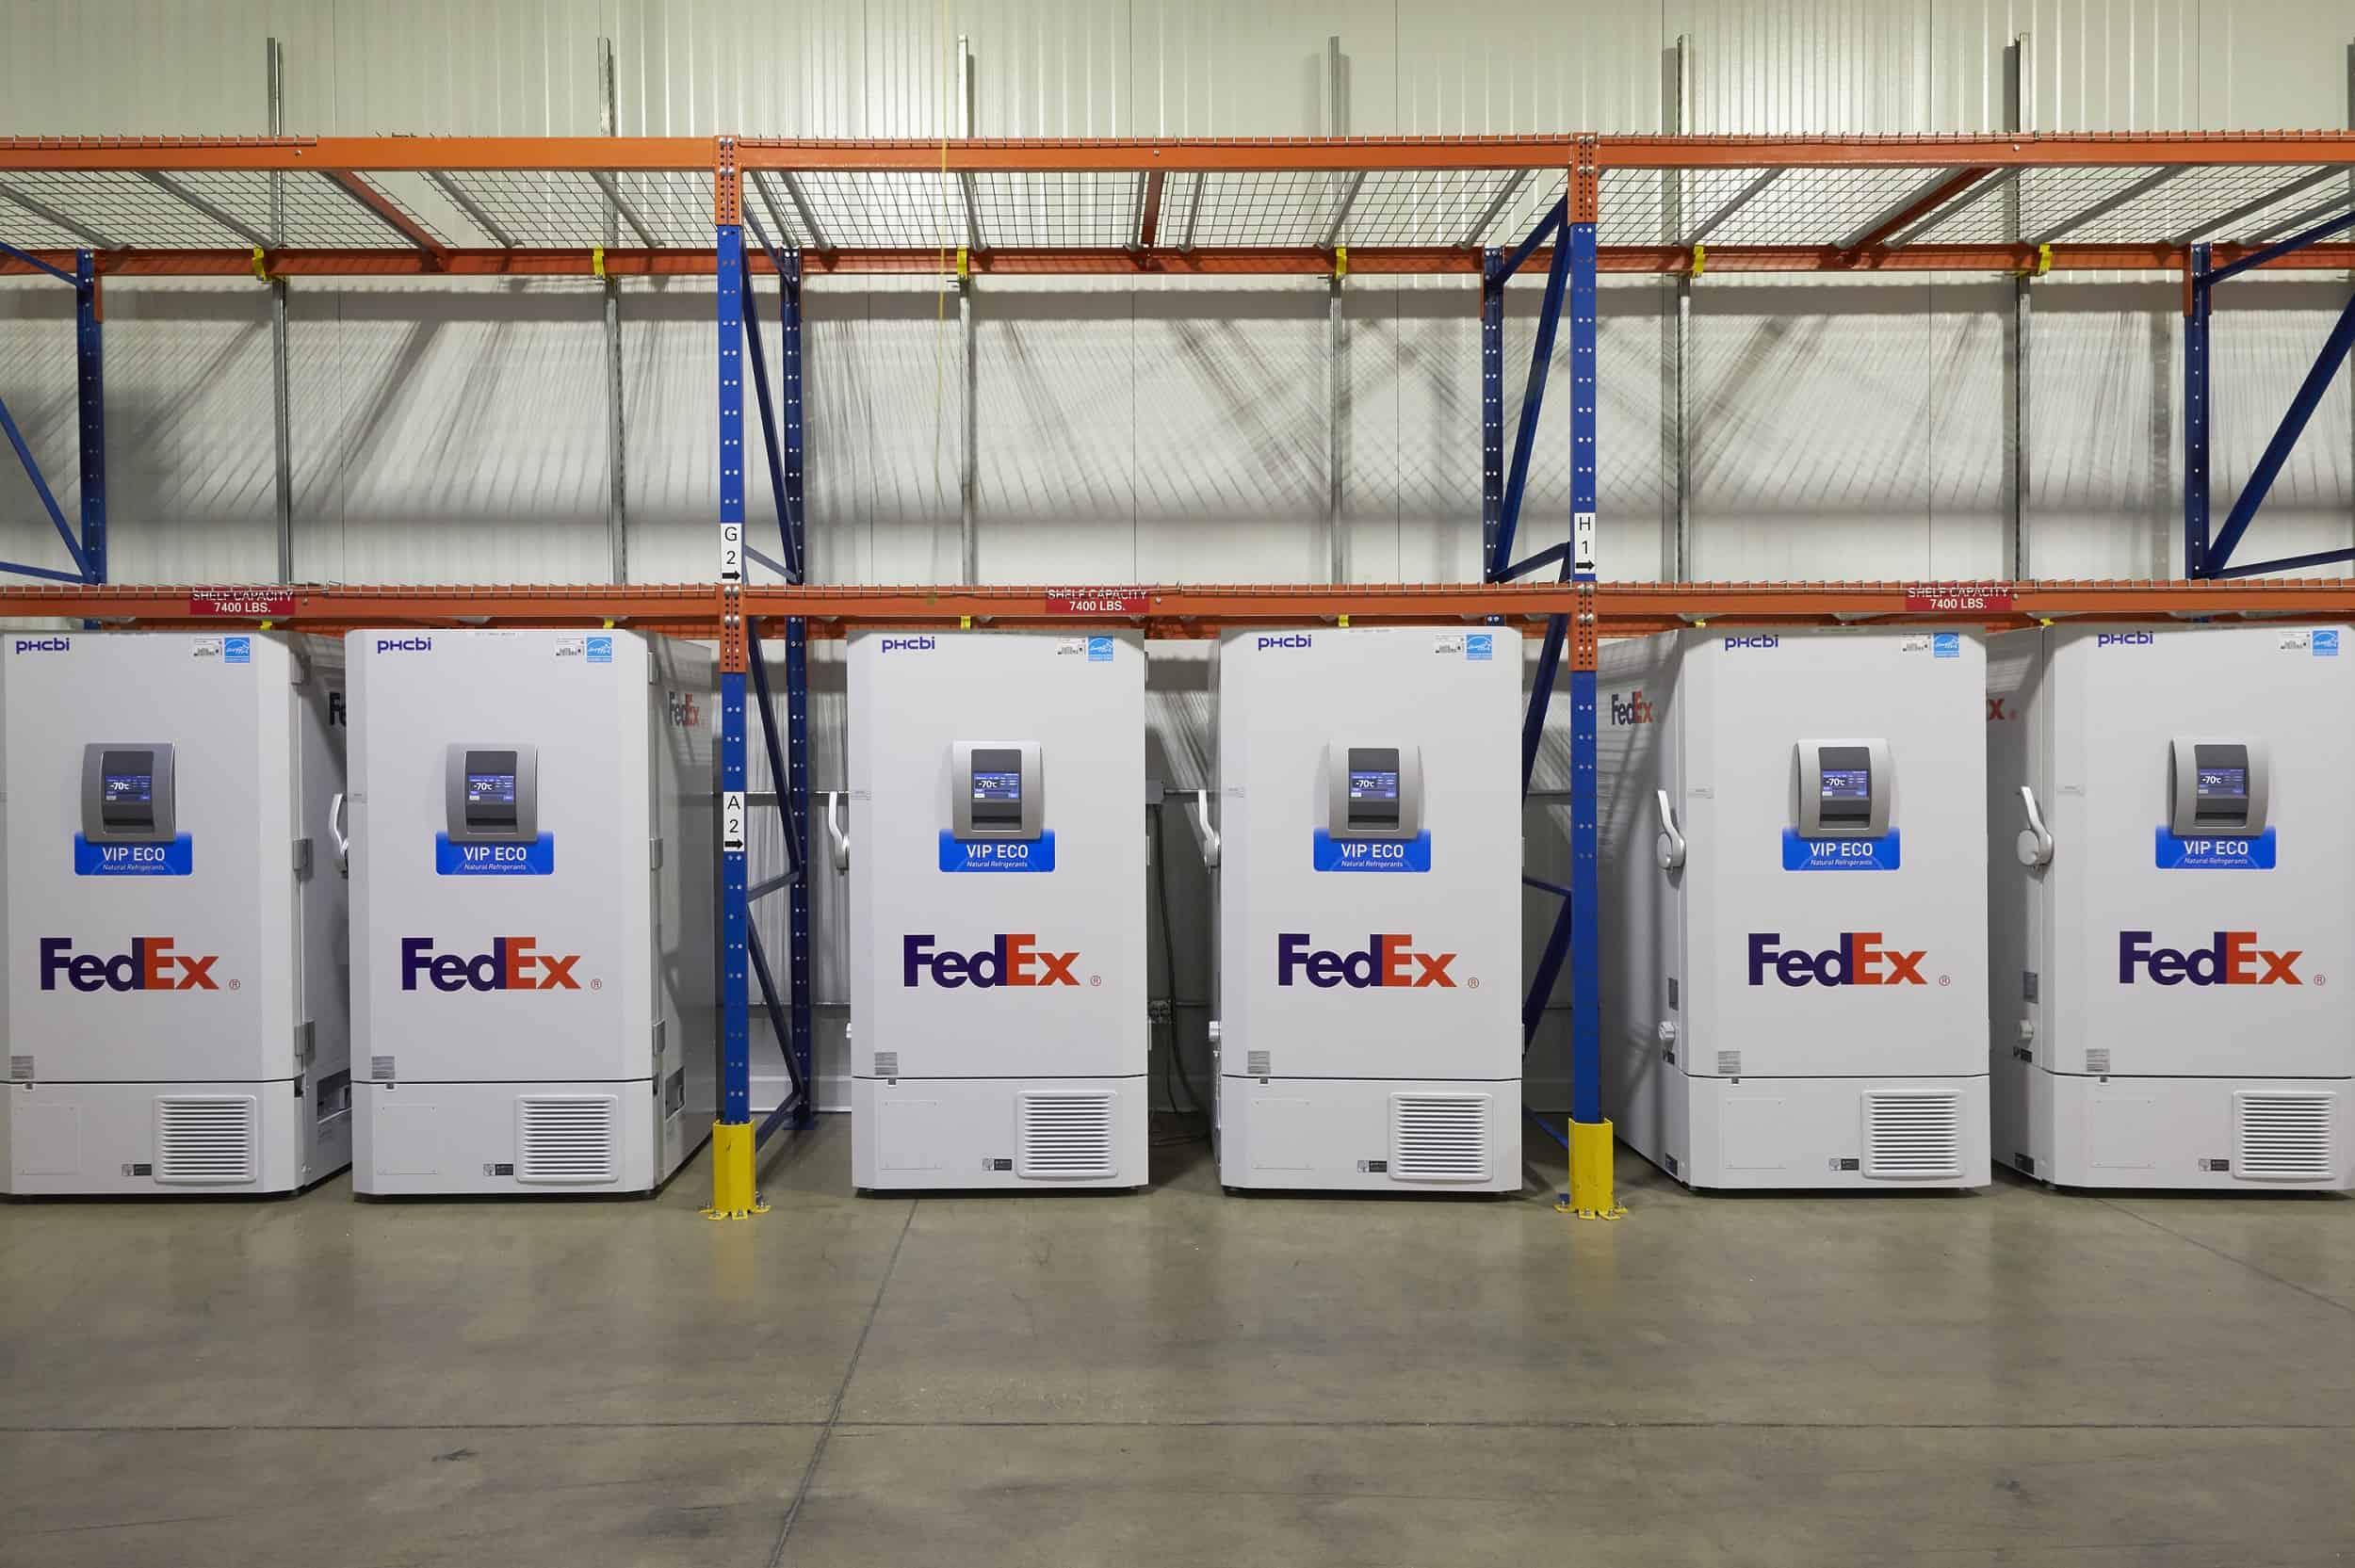 เฟดเอ็กซ์ (FedEx Express) เตรียมจัดส่งวัคซัน COVID-19 ชุดแรกจาก Pfizer ไปยังทั่วสหรัฐอเมริกา